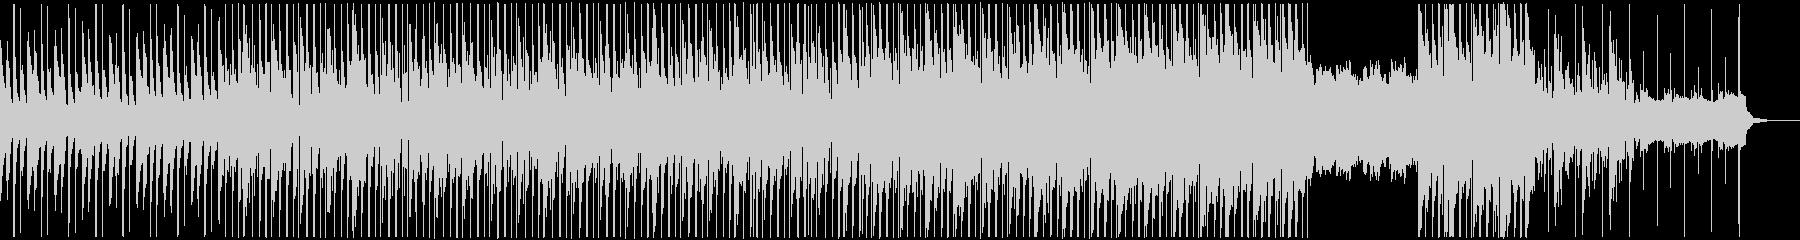 ハードなシンセサウンドとディープなビートの未再生の波形